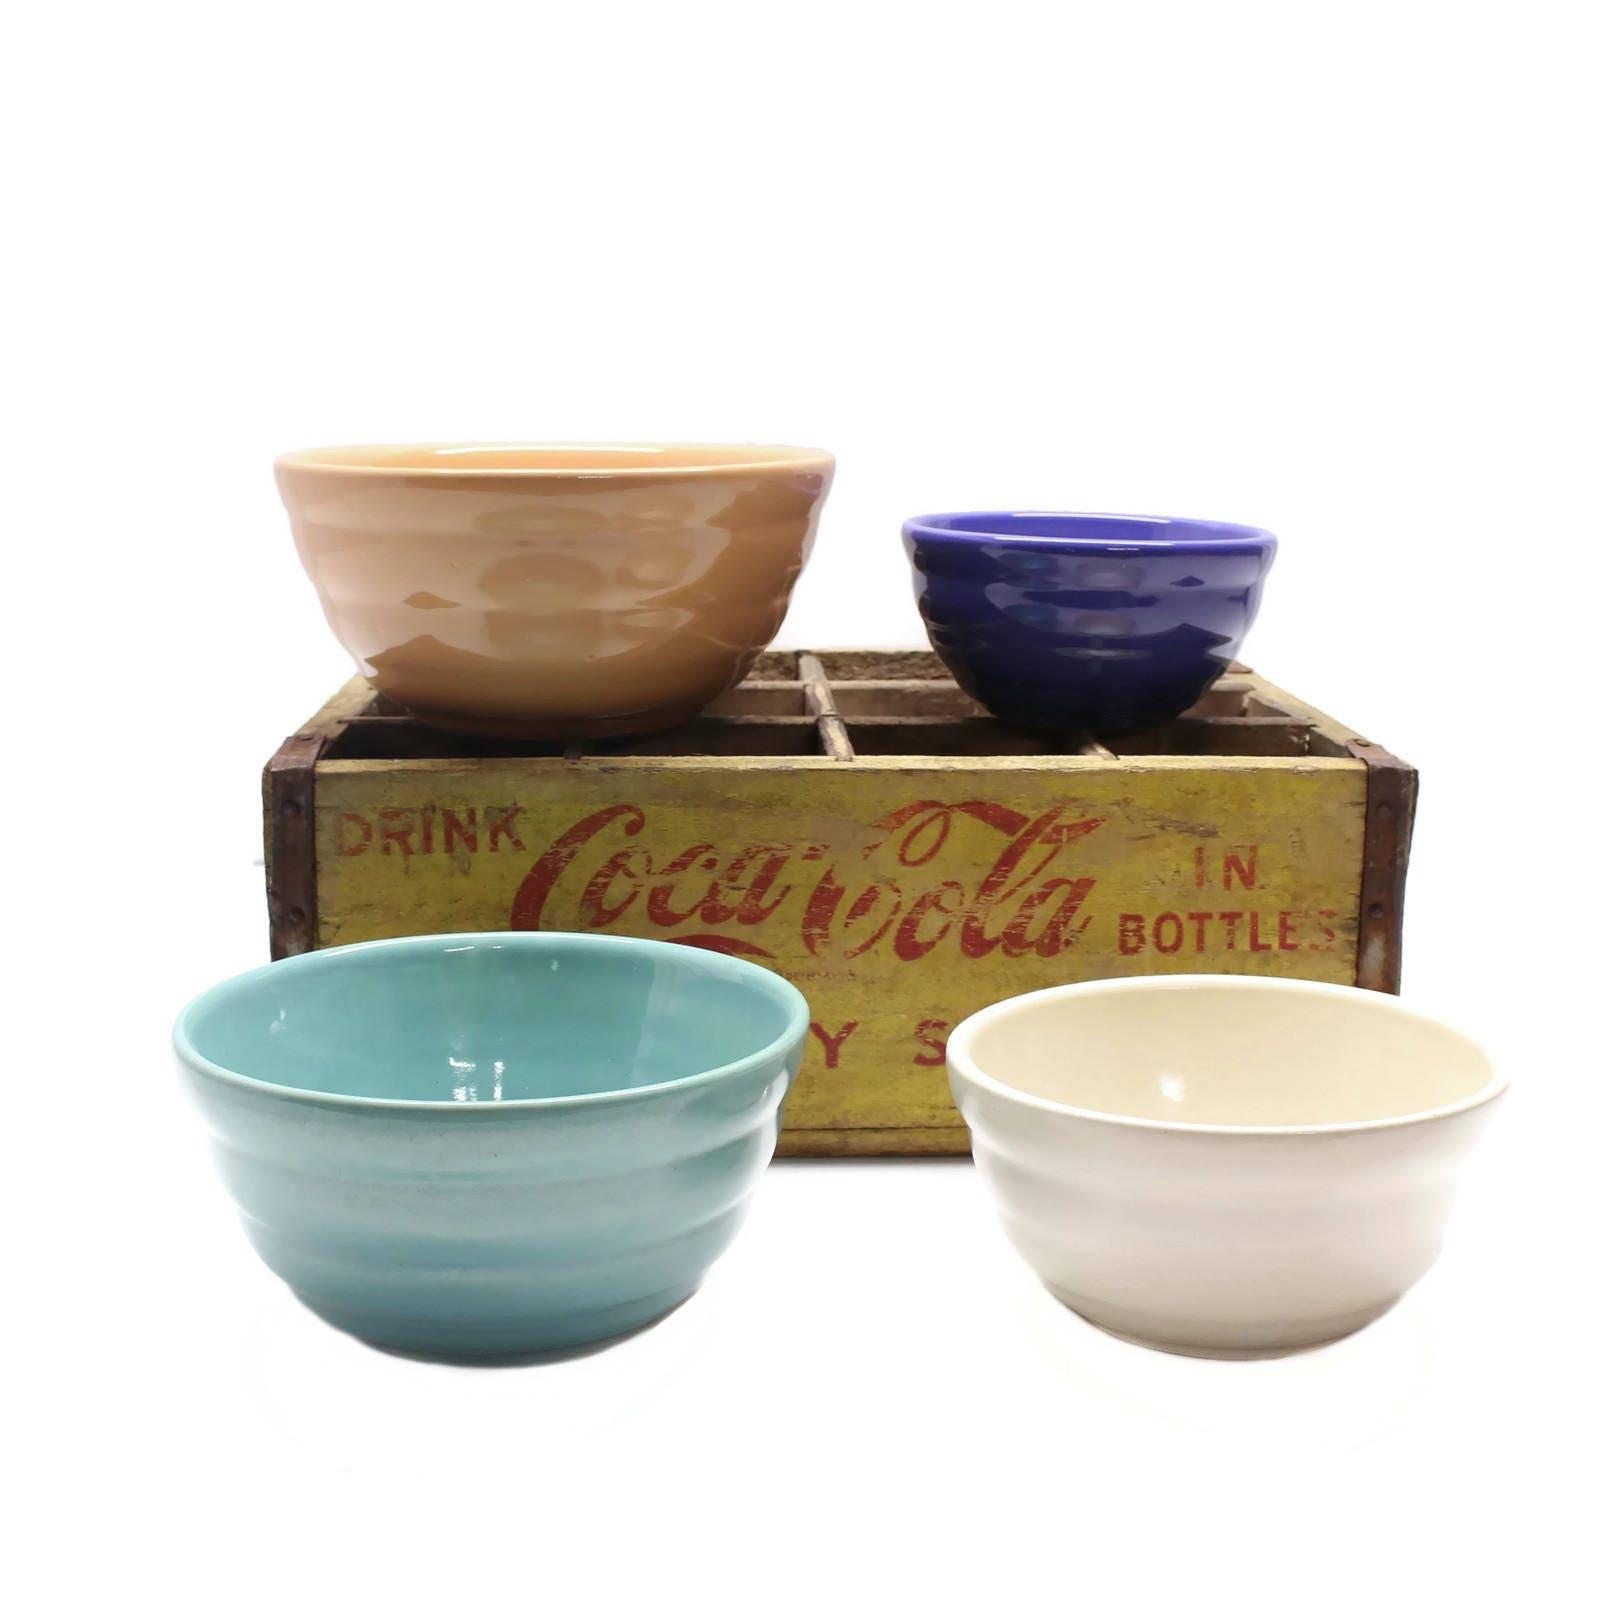 set of 4 nesting bowls mixing bowls ceramic bowls set. Black Bedroom Furniture Sets. Home Design Ideas